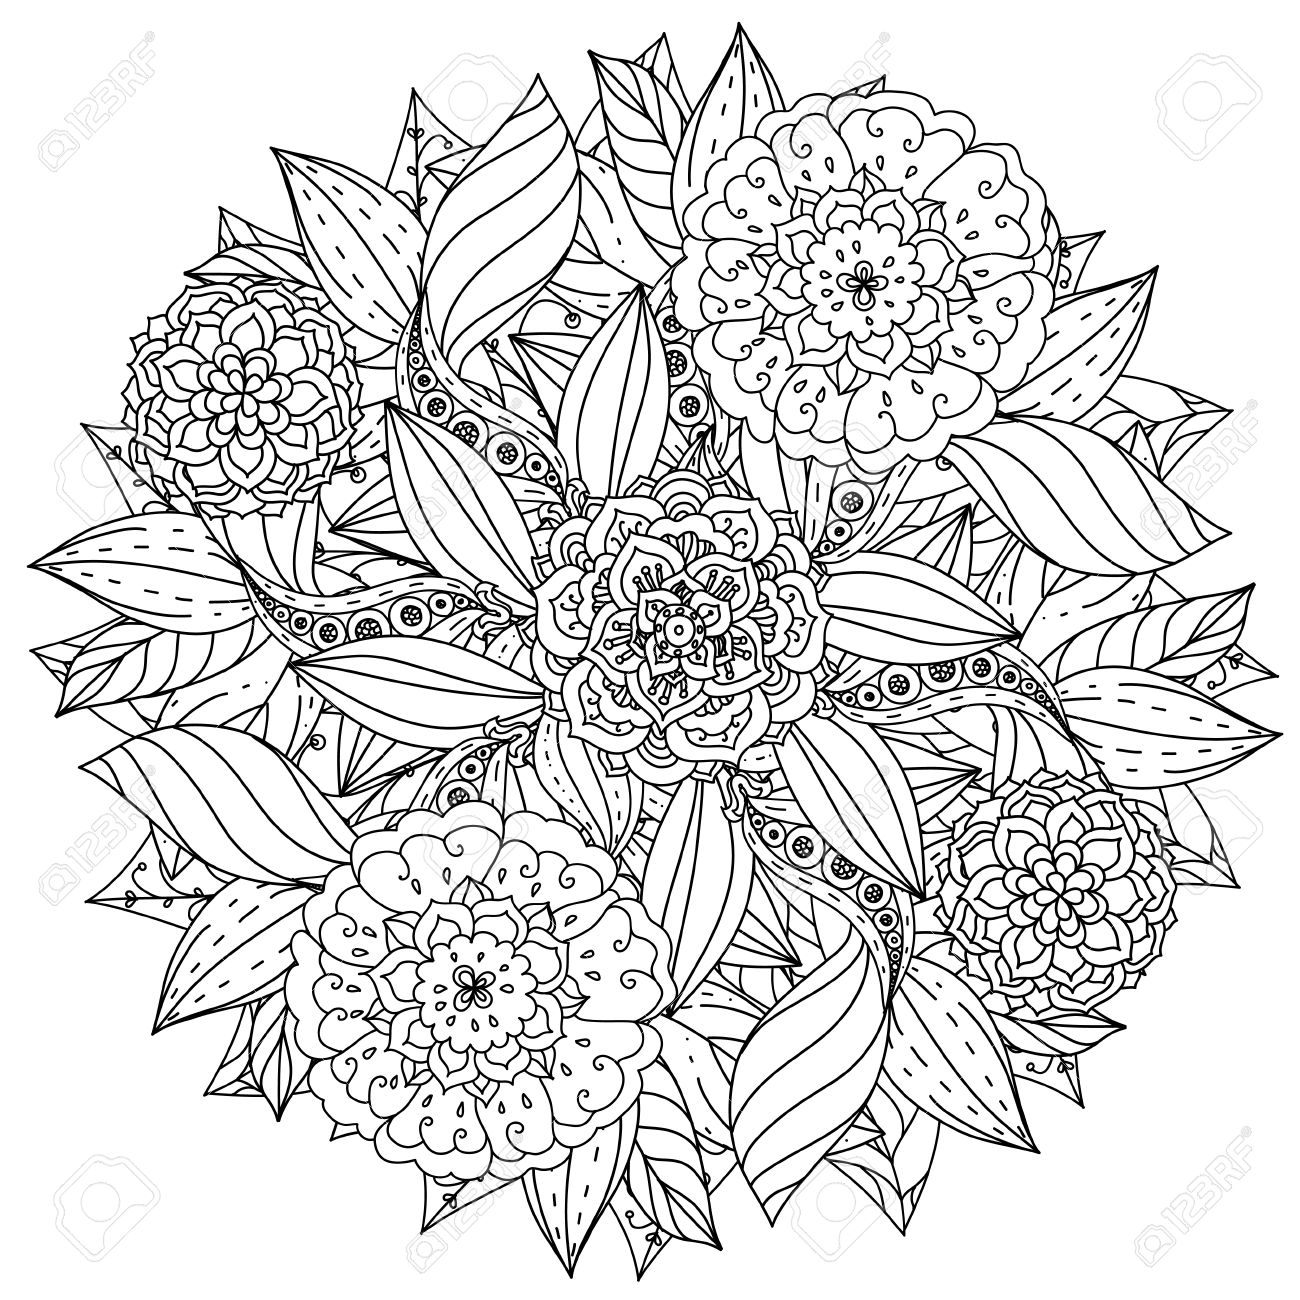 アンチ ストレス図面の禅芸術療法スタイルで大人の塗り絵の輪郭を描かれ